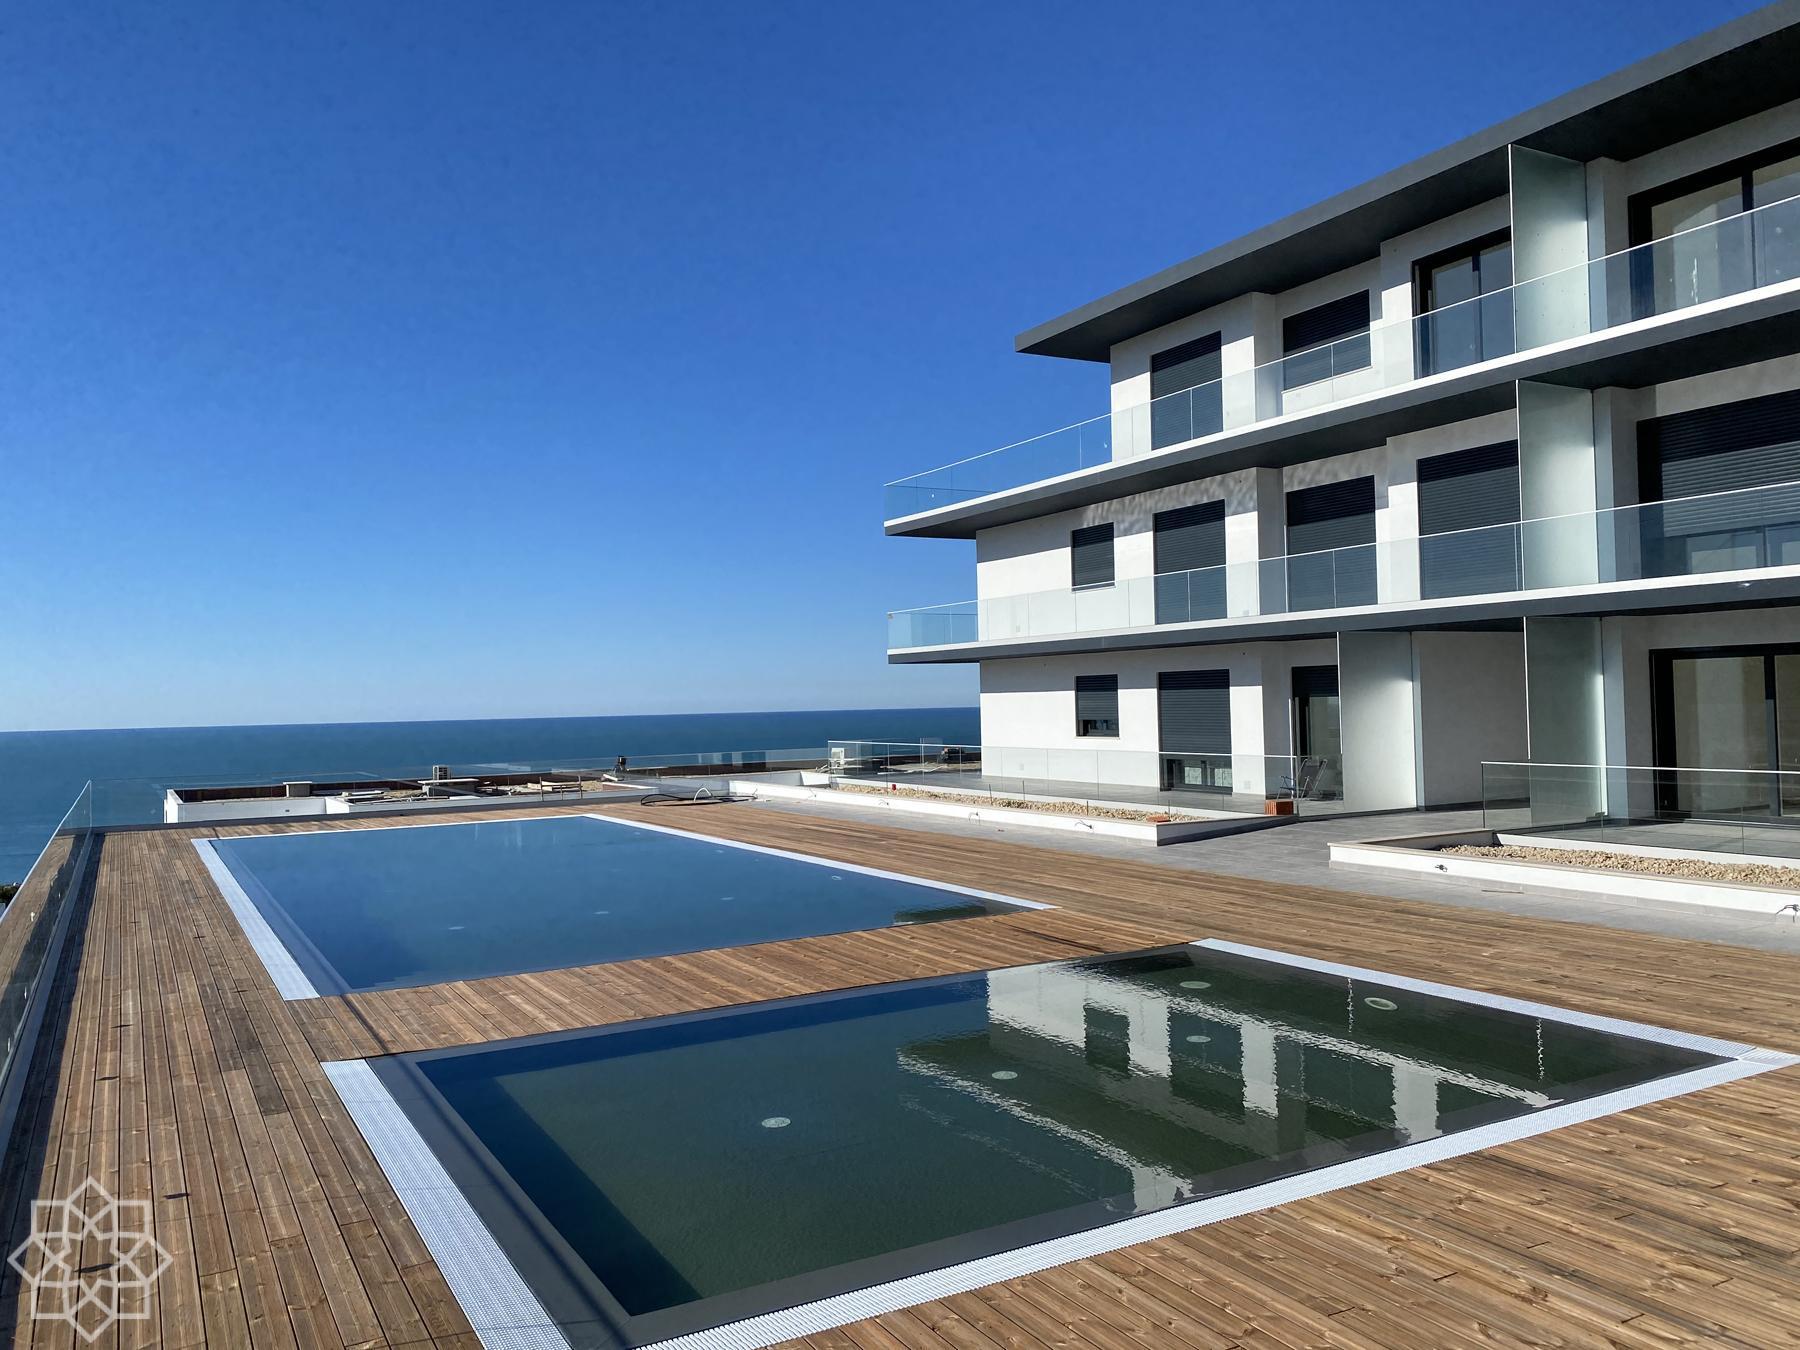 Ocean View i Pederneira sålt av Portugalagent.